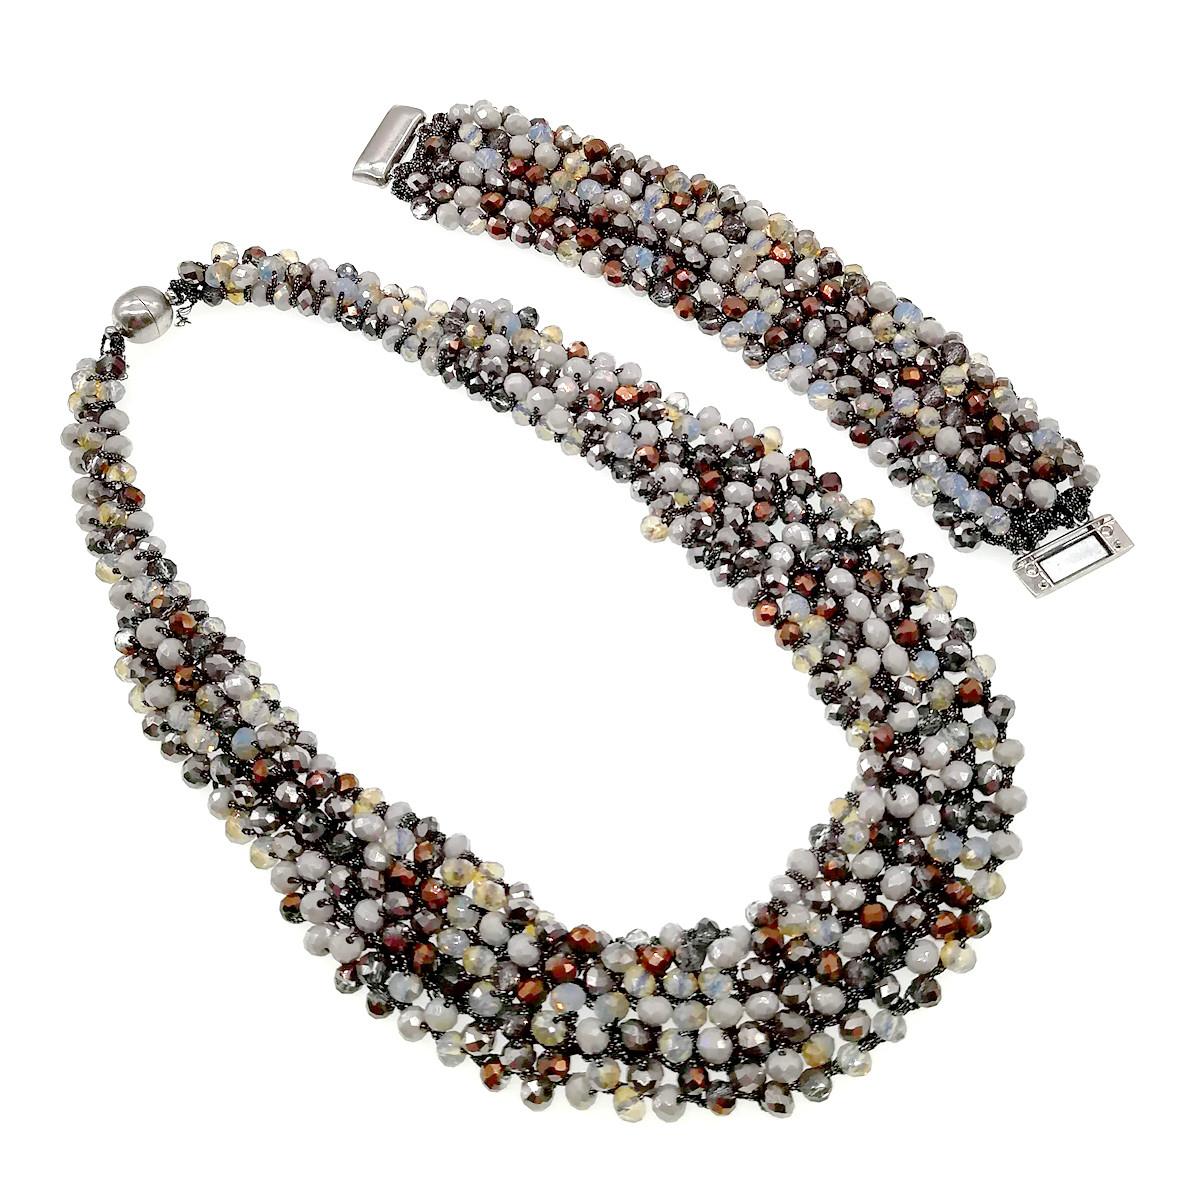 Комплект SONATA (Колье + браслет), хрусталь, 63064             (1)